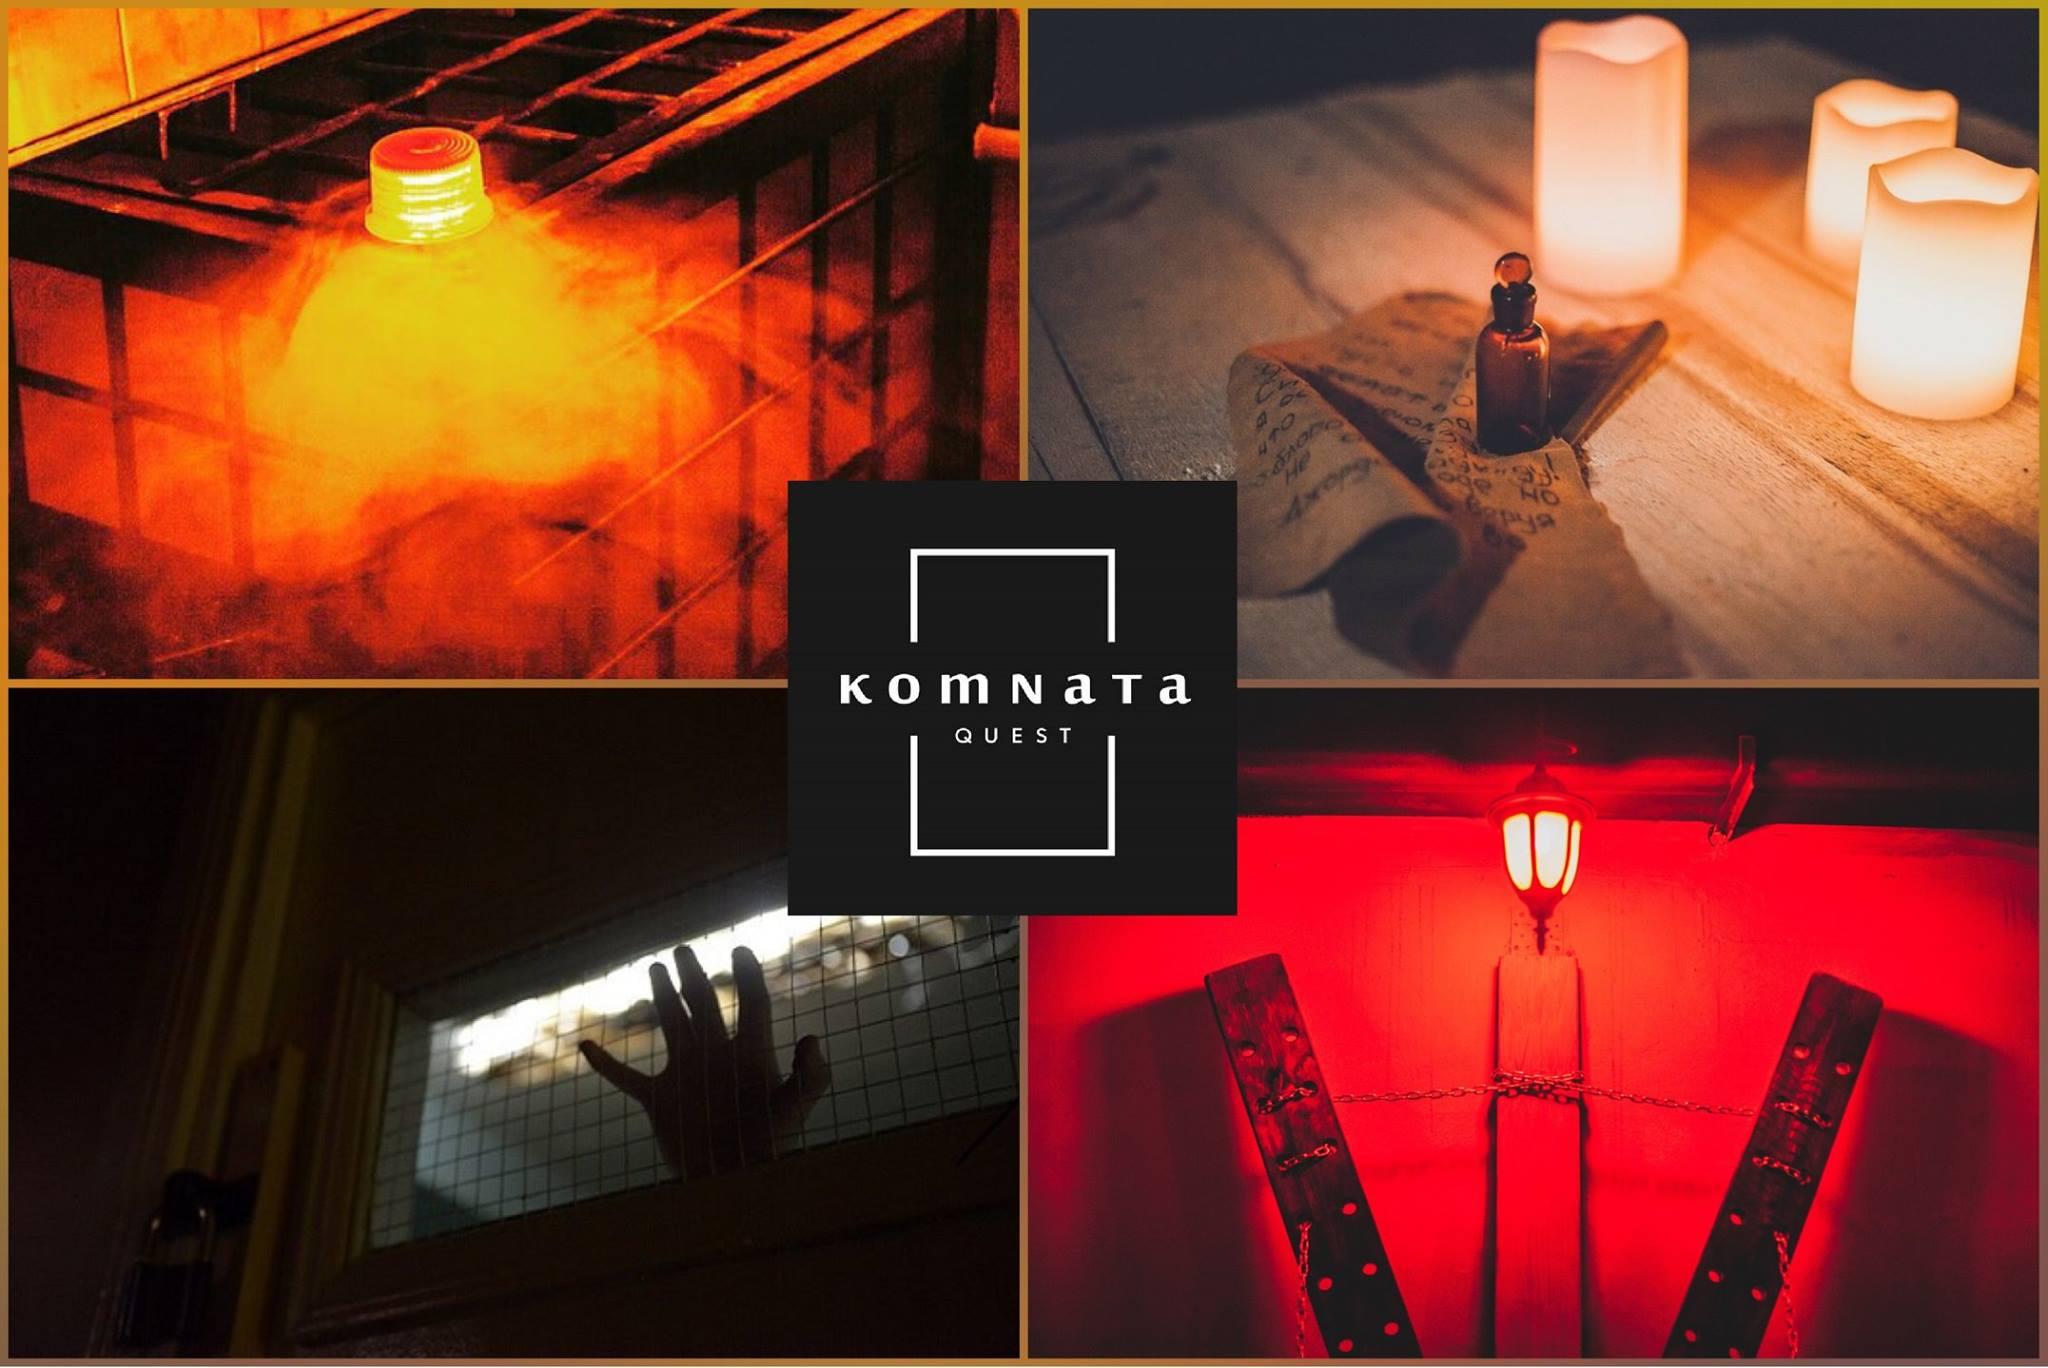 Escape room company, Komnata, announces new locations in London